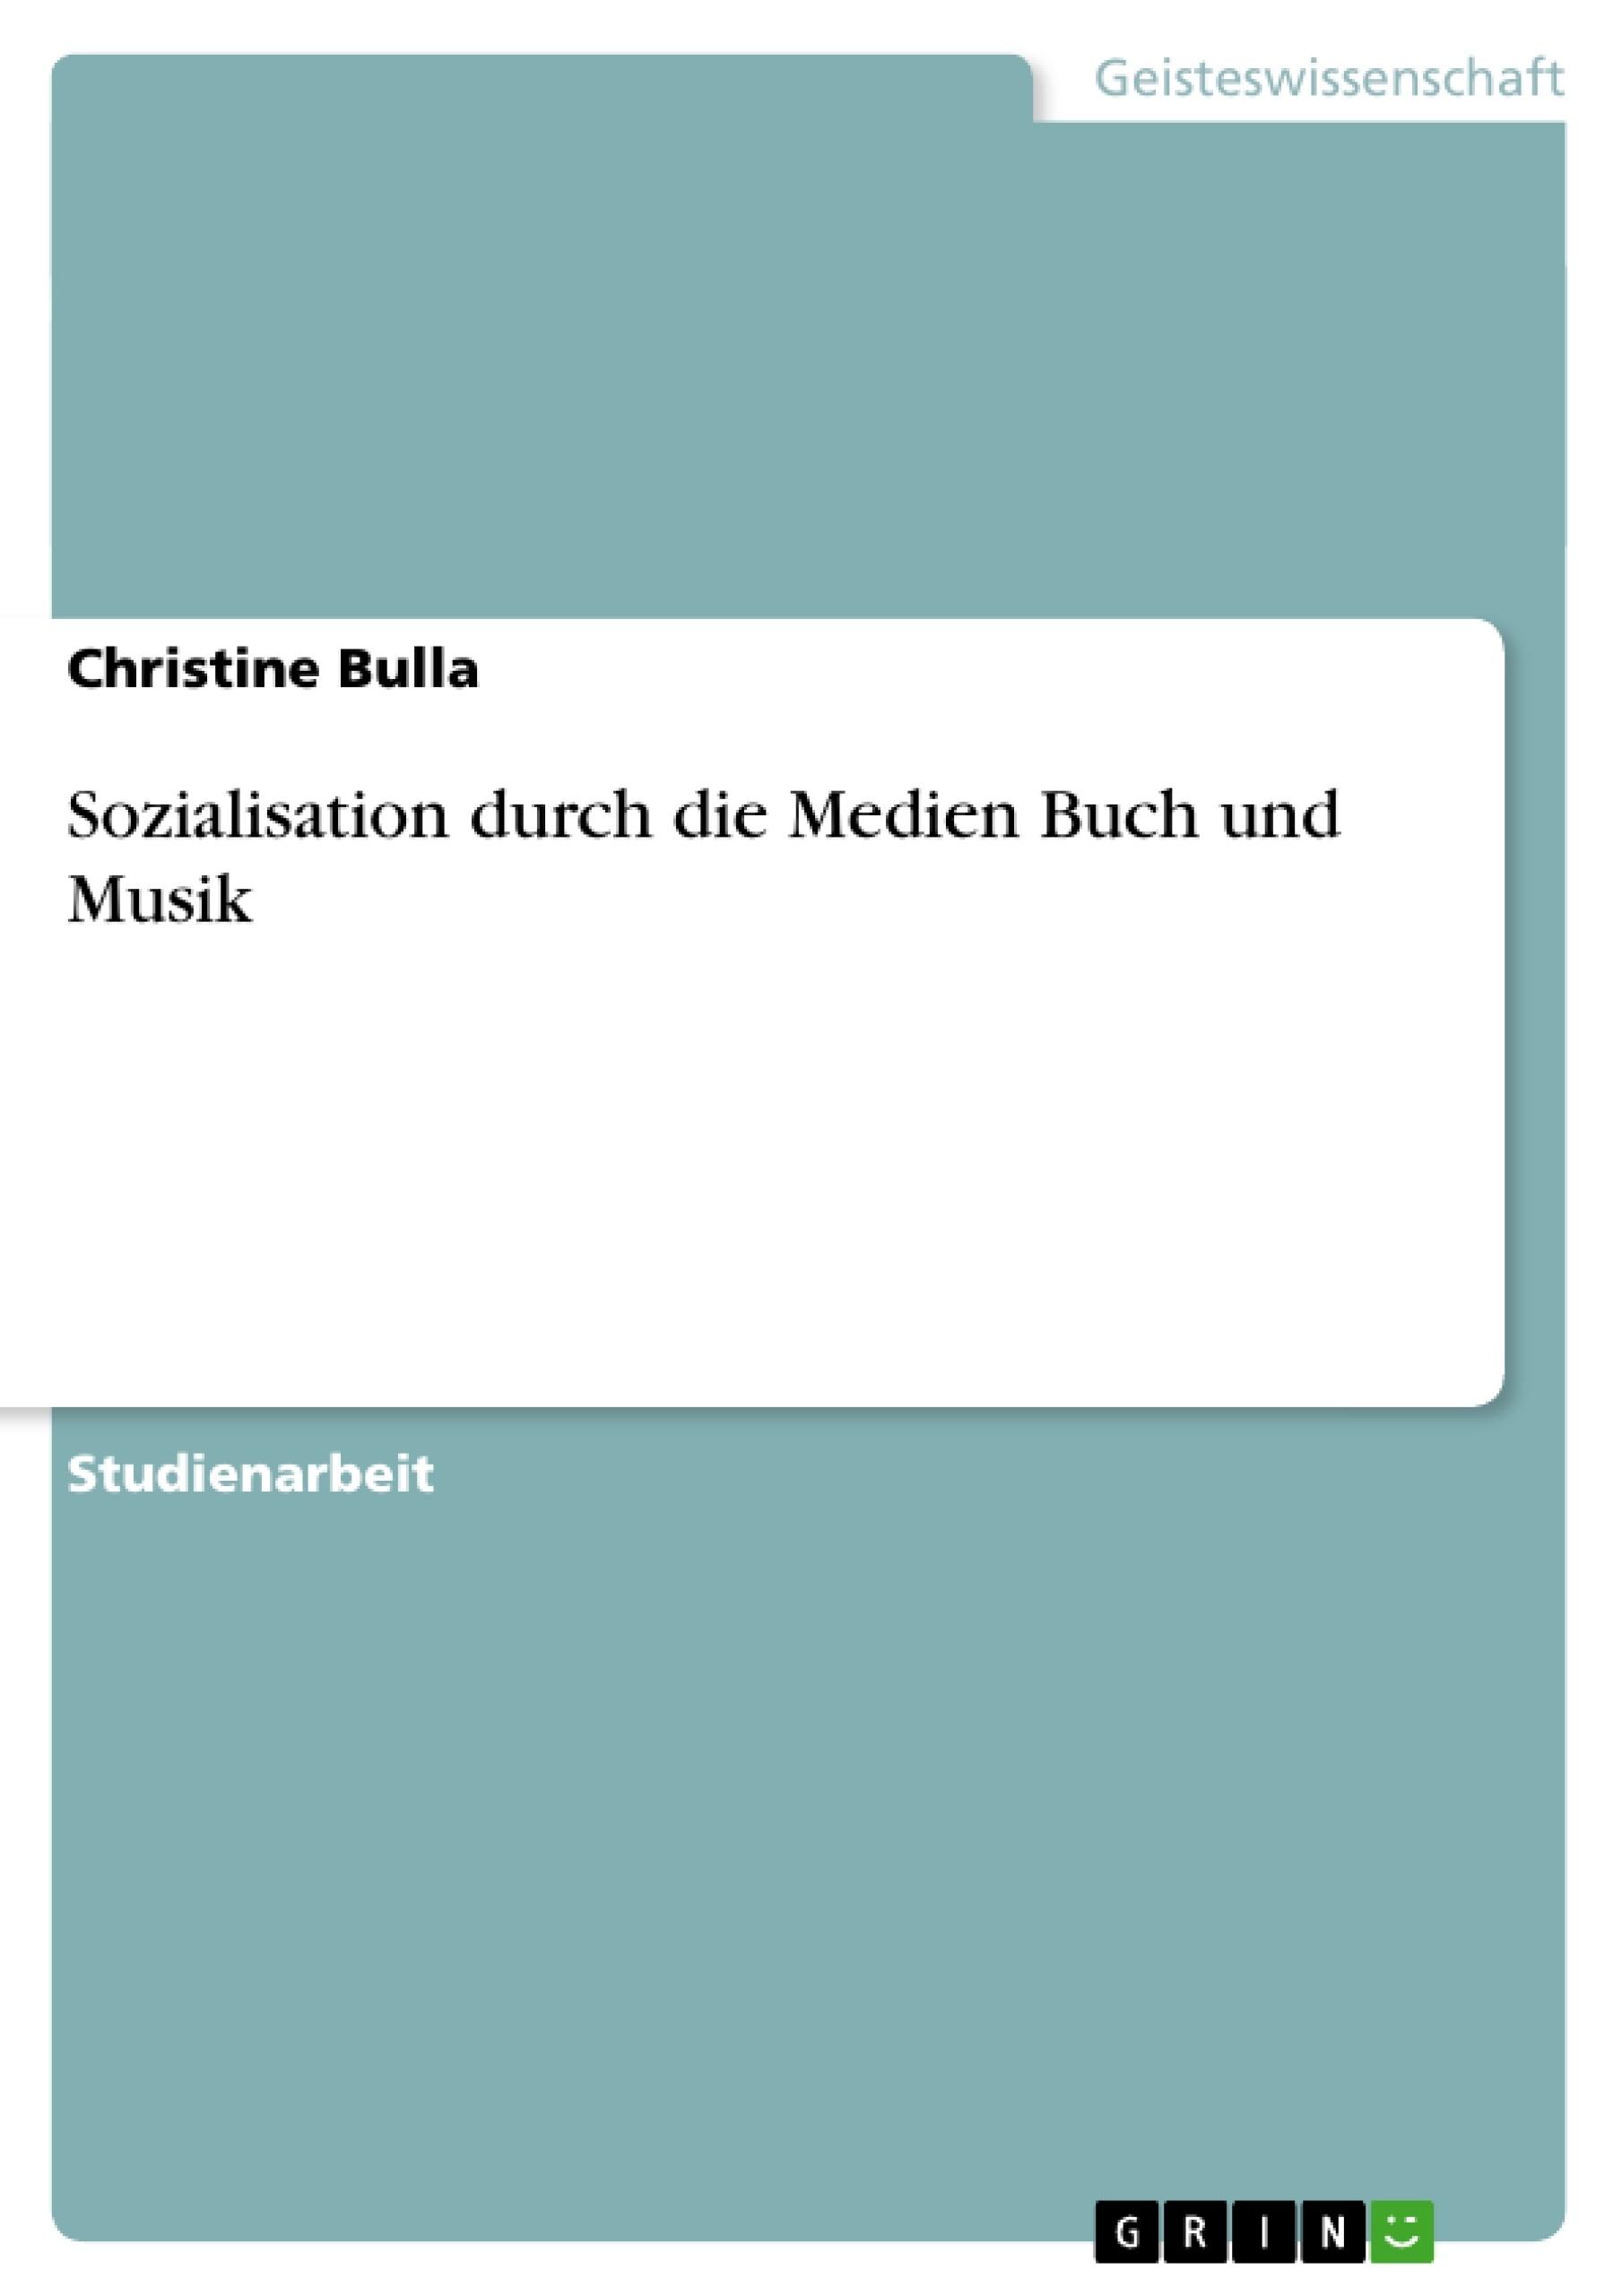 Titel: Sozialisation durch die Medien Buch und Musik